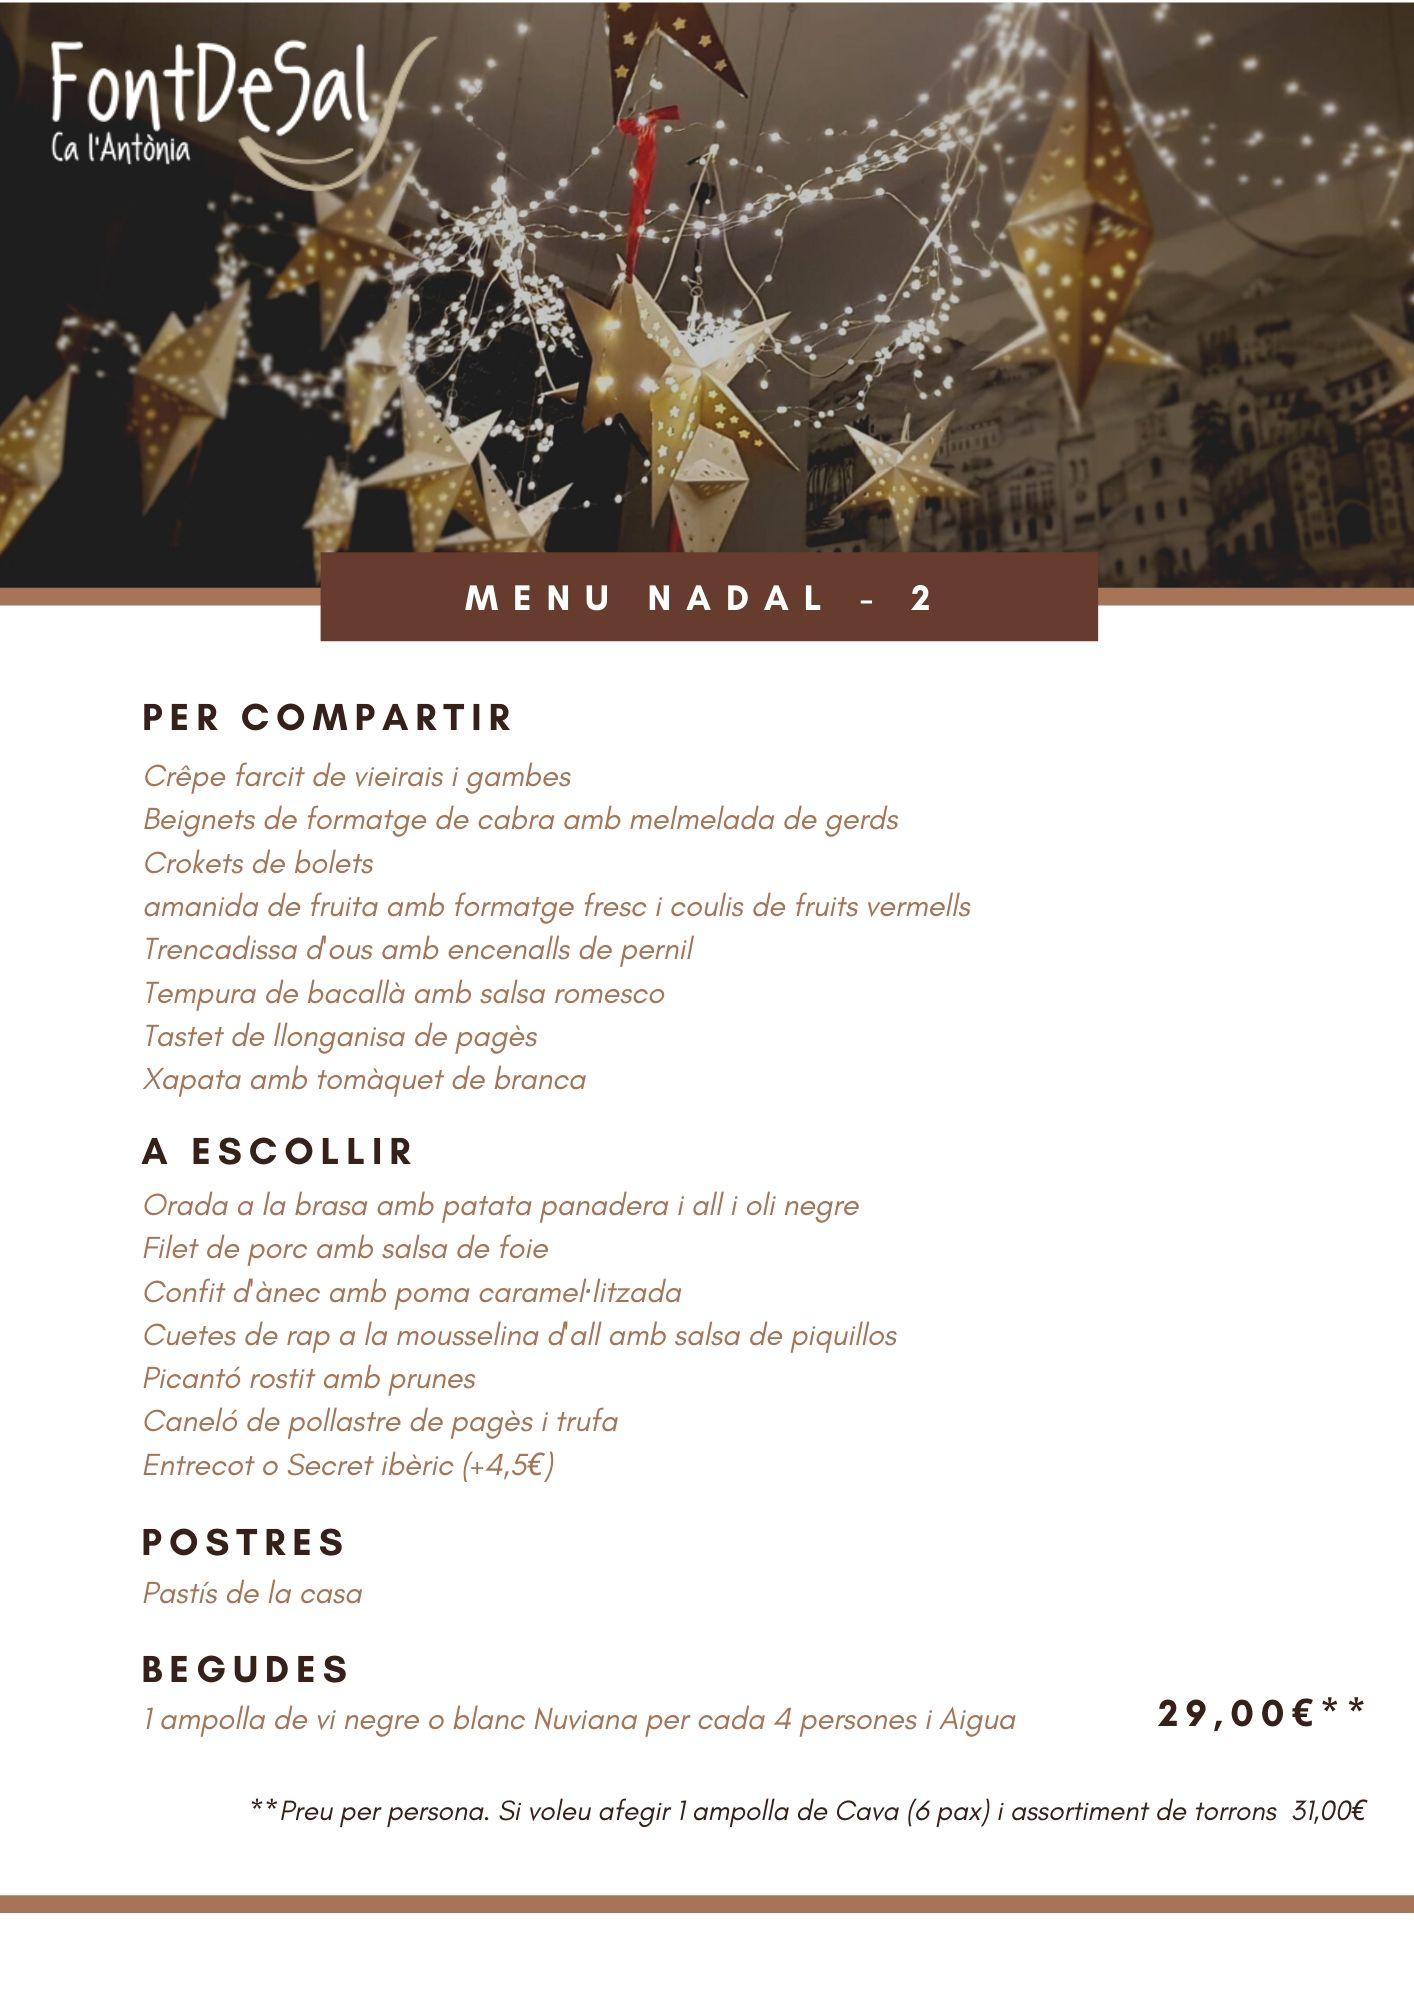 menu 2 nadal font de sal